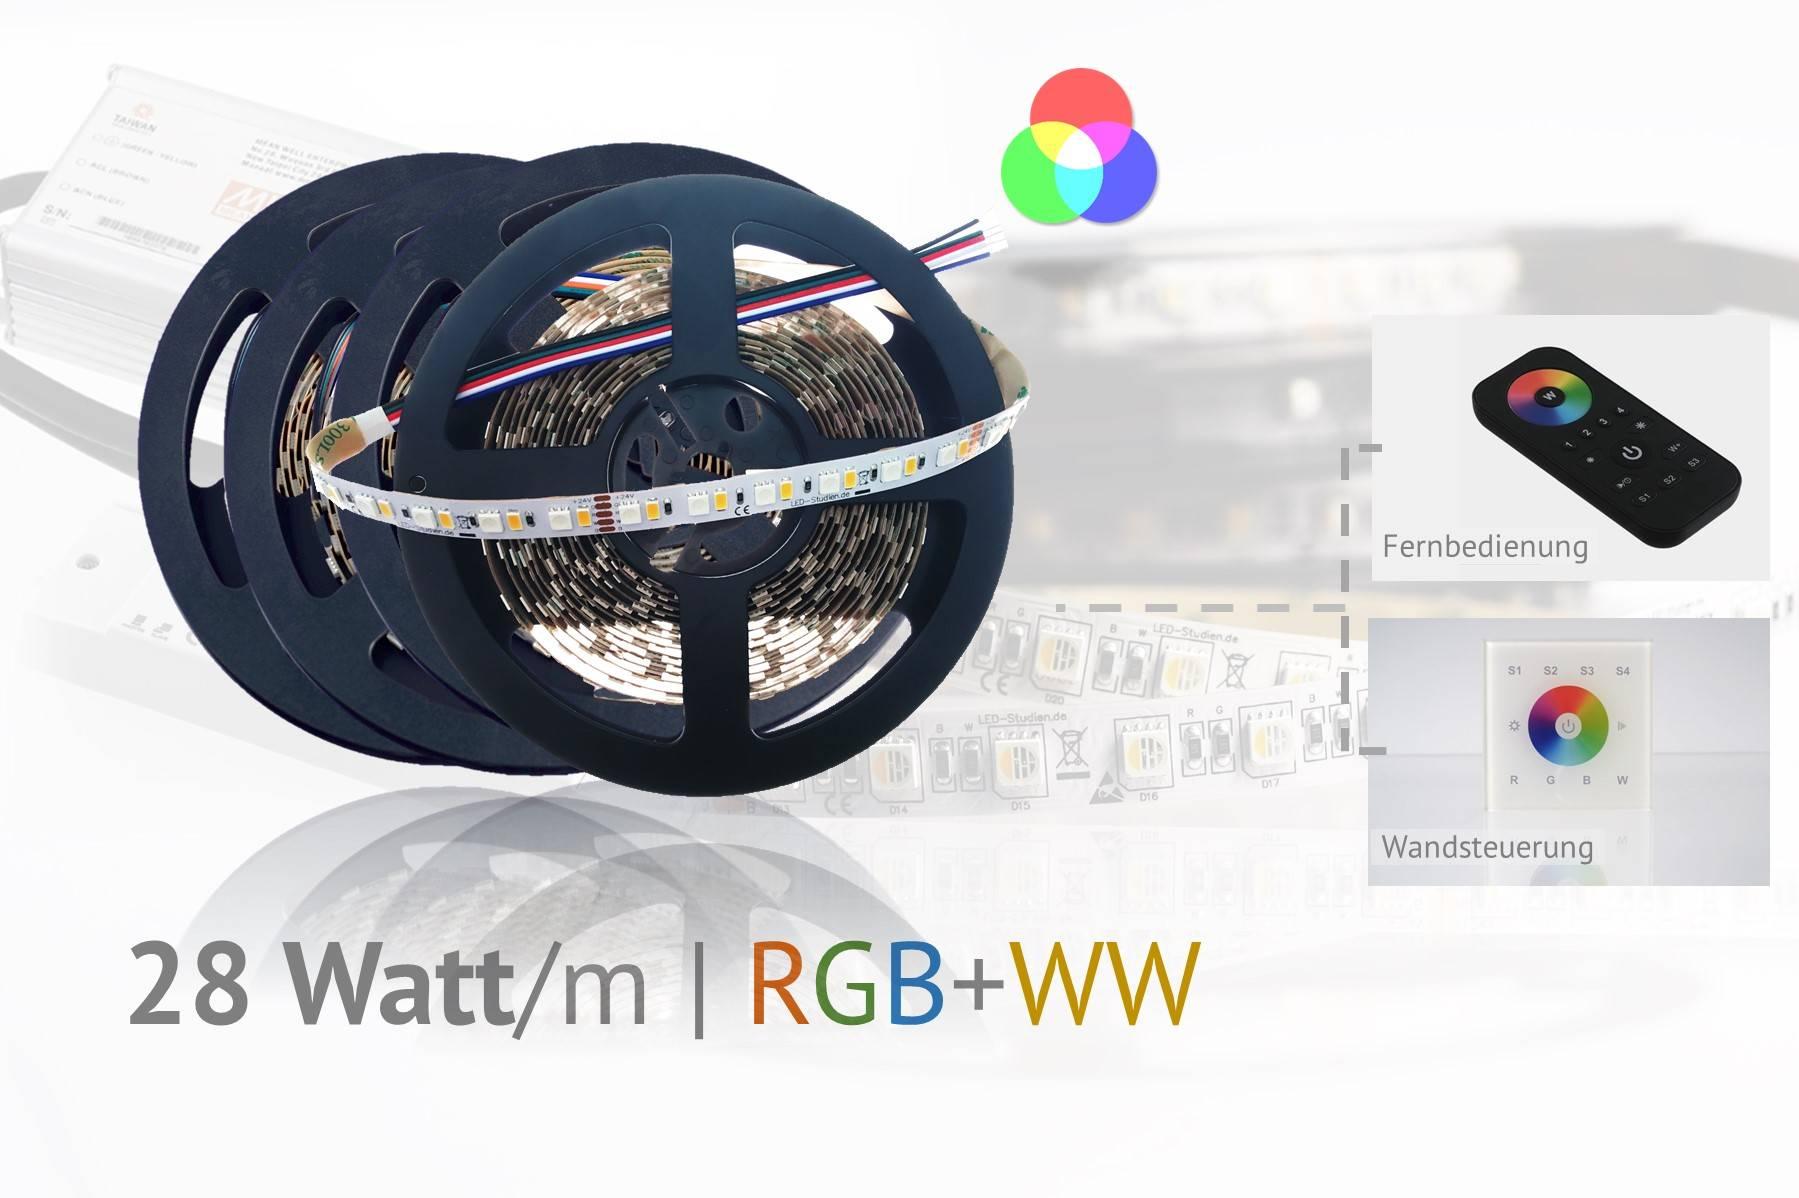 Set für helle Hauptbeleuchtung plus Farbeffekte, RGB+WW